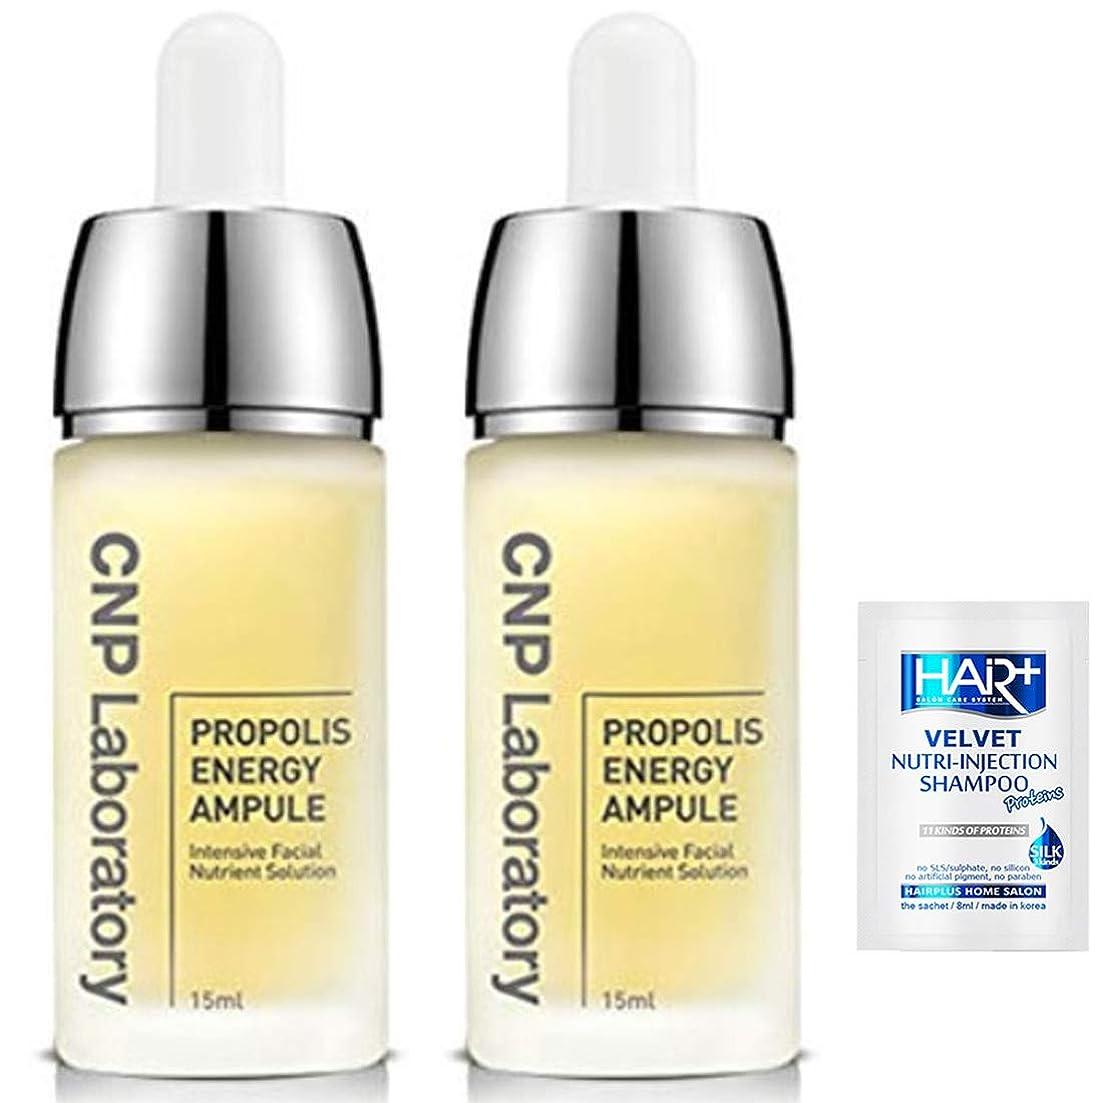 いつでもに関してラッチ【CNP Laboratory】プロポリス エネルギーアンプル 15ml X 2EA+HairPlus NonSilicon Shampoo 8ml